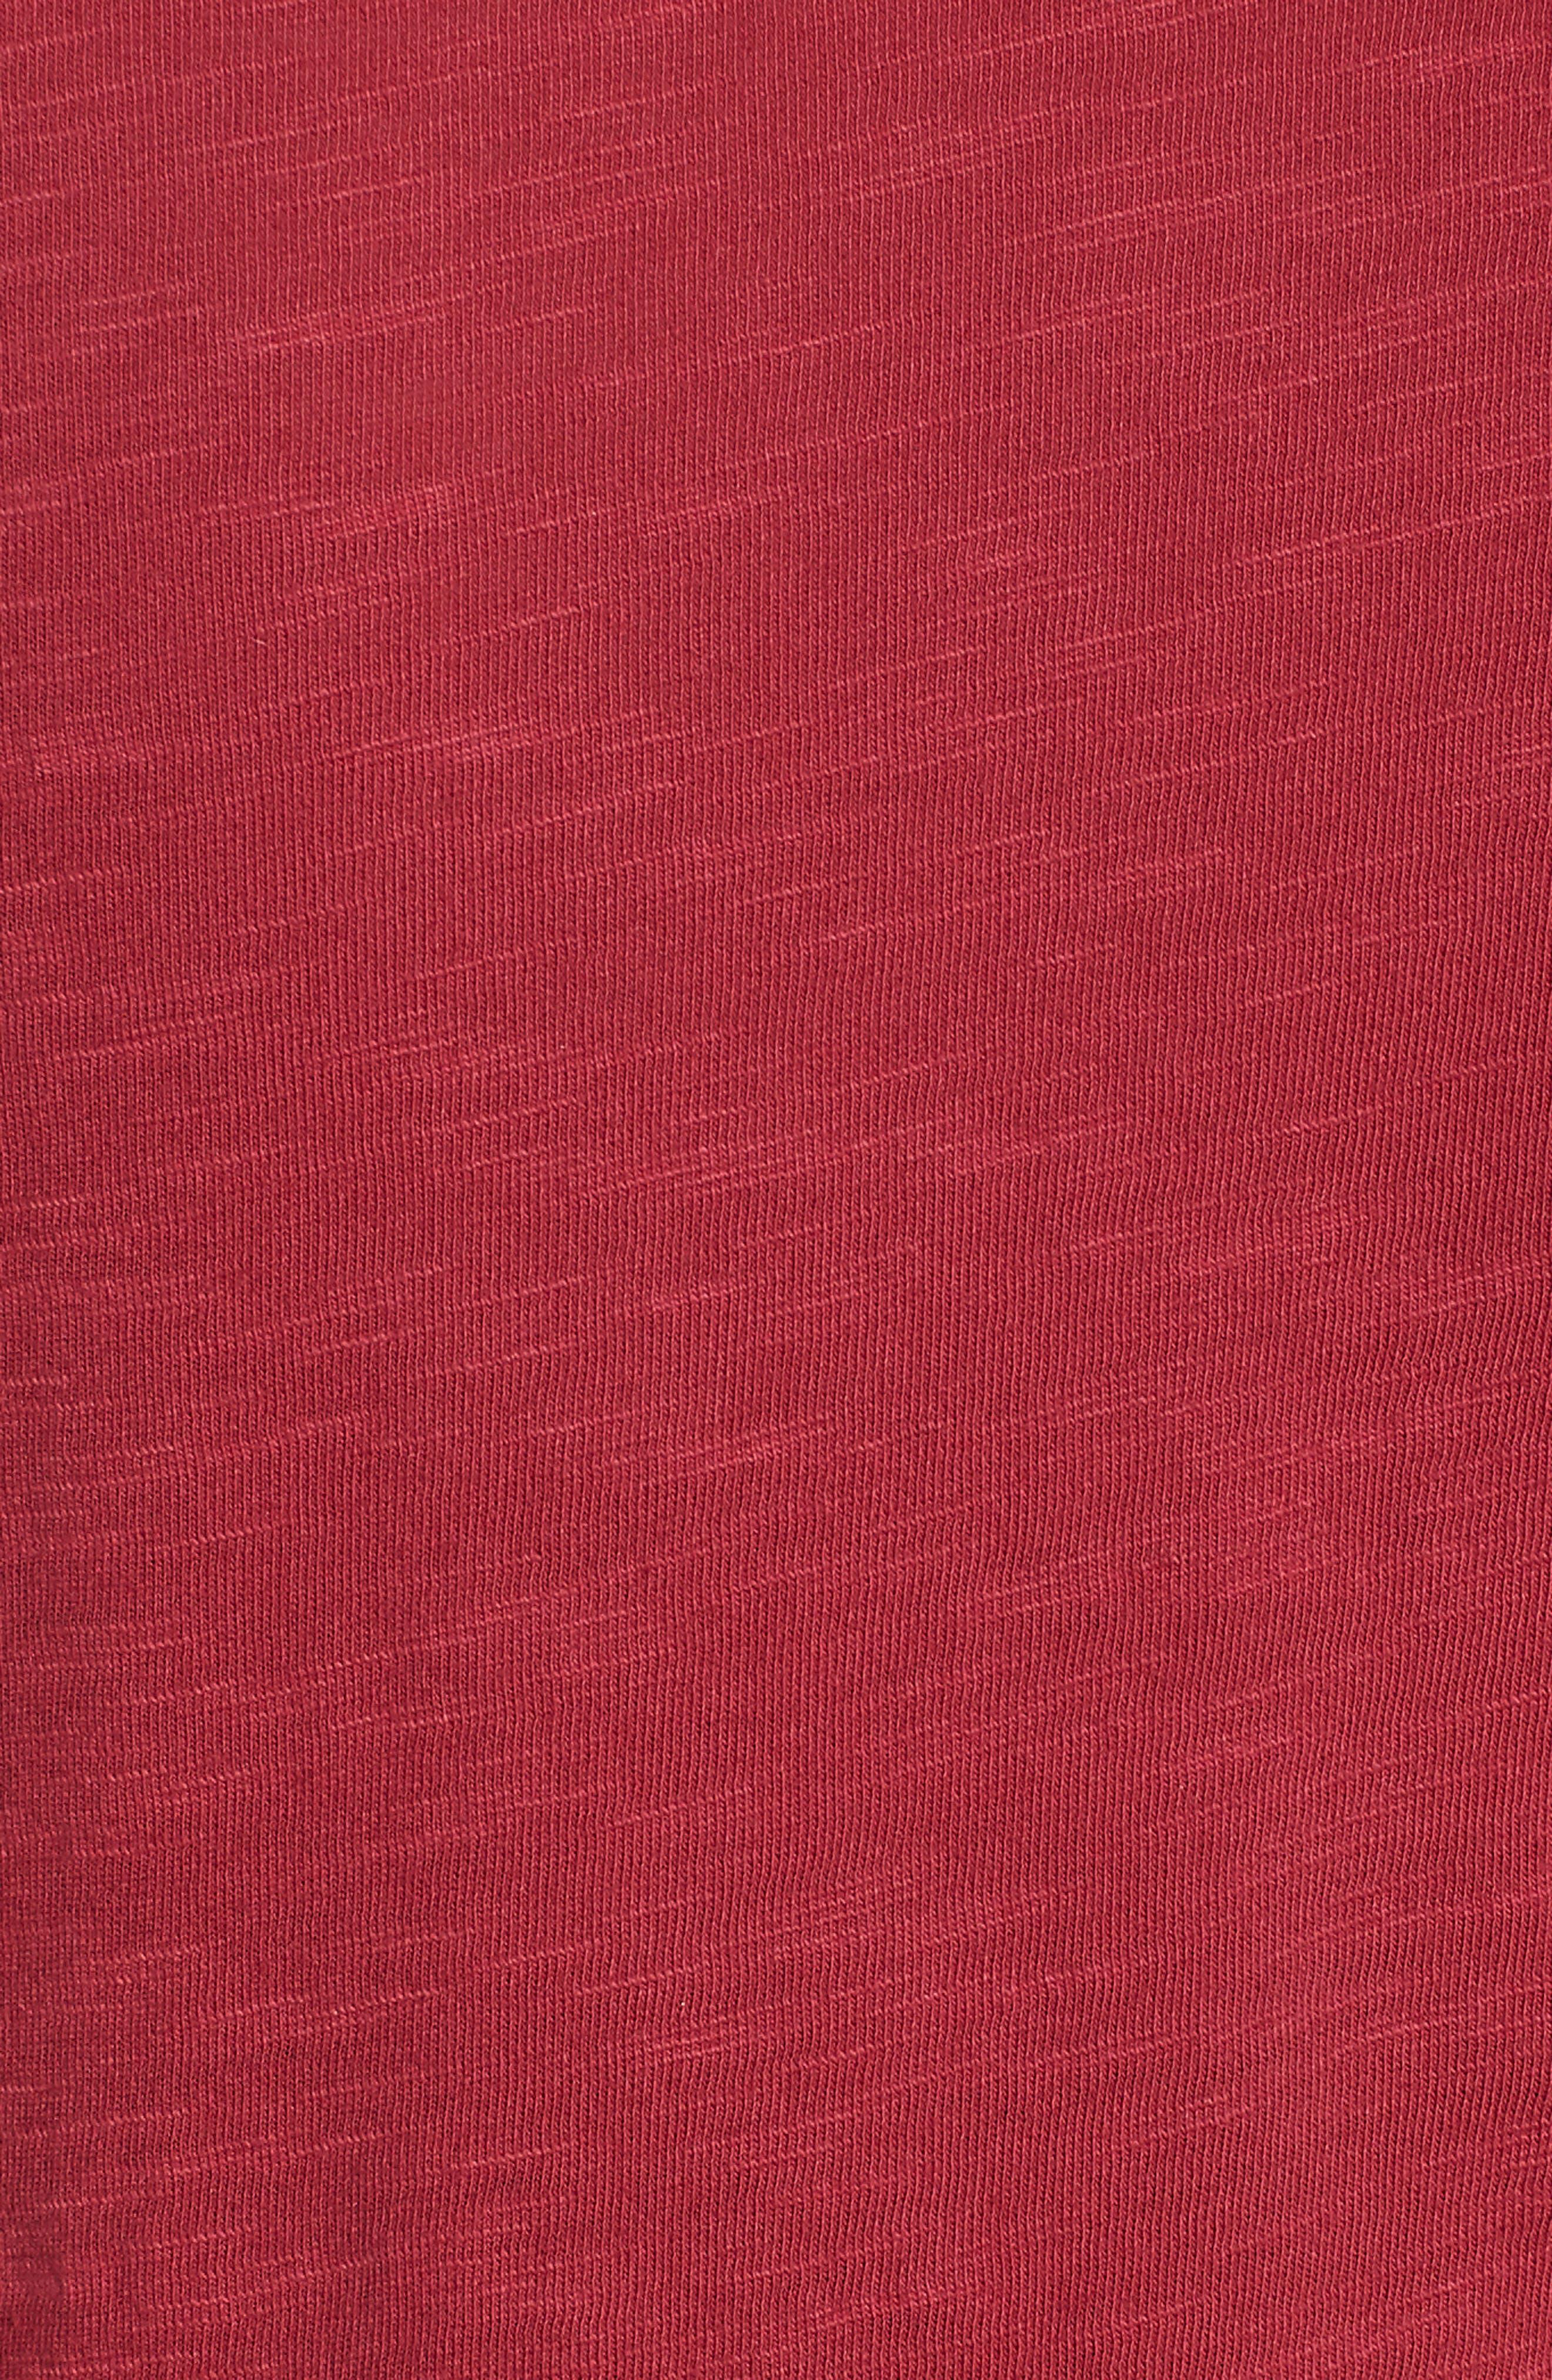 Lace-Up Shoulder Cotton Tee,                             Alternate thumbnail 11, color,